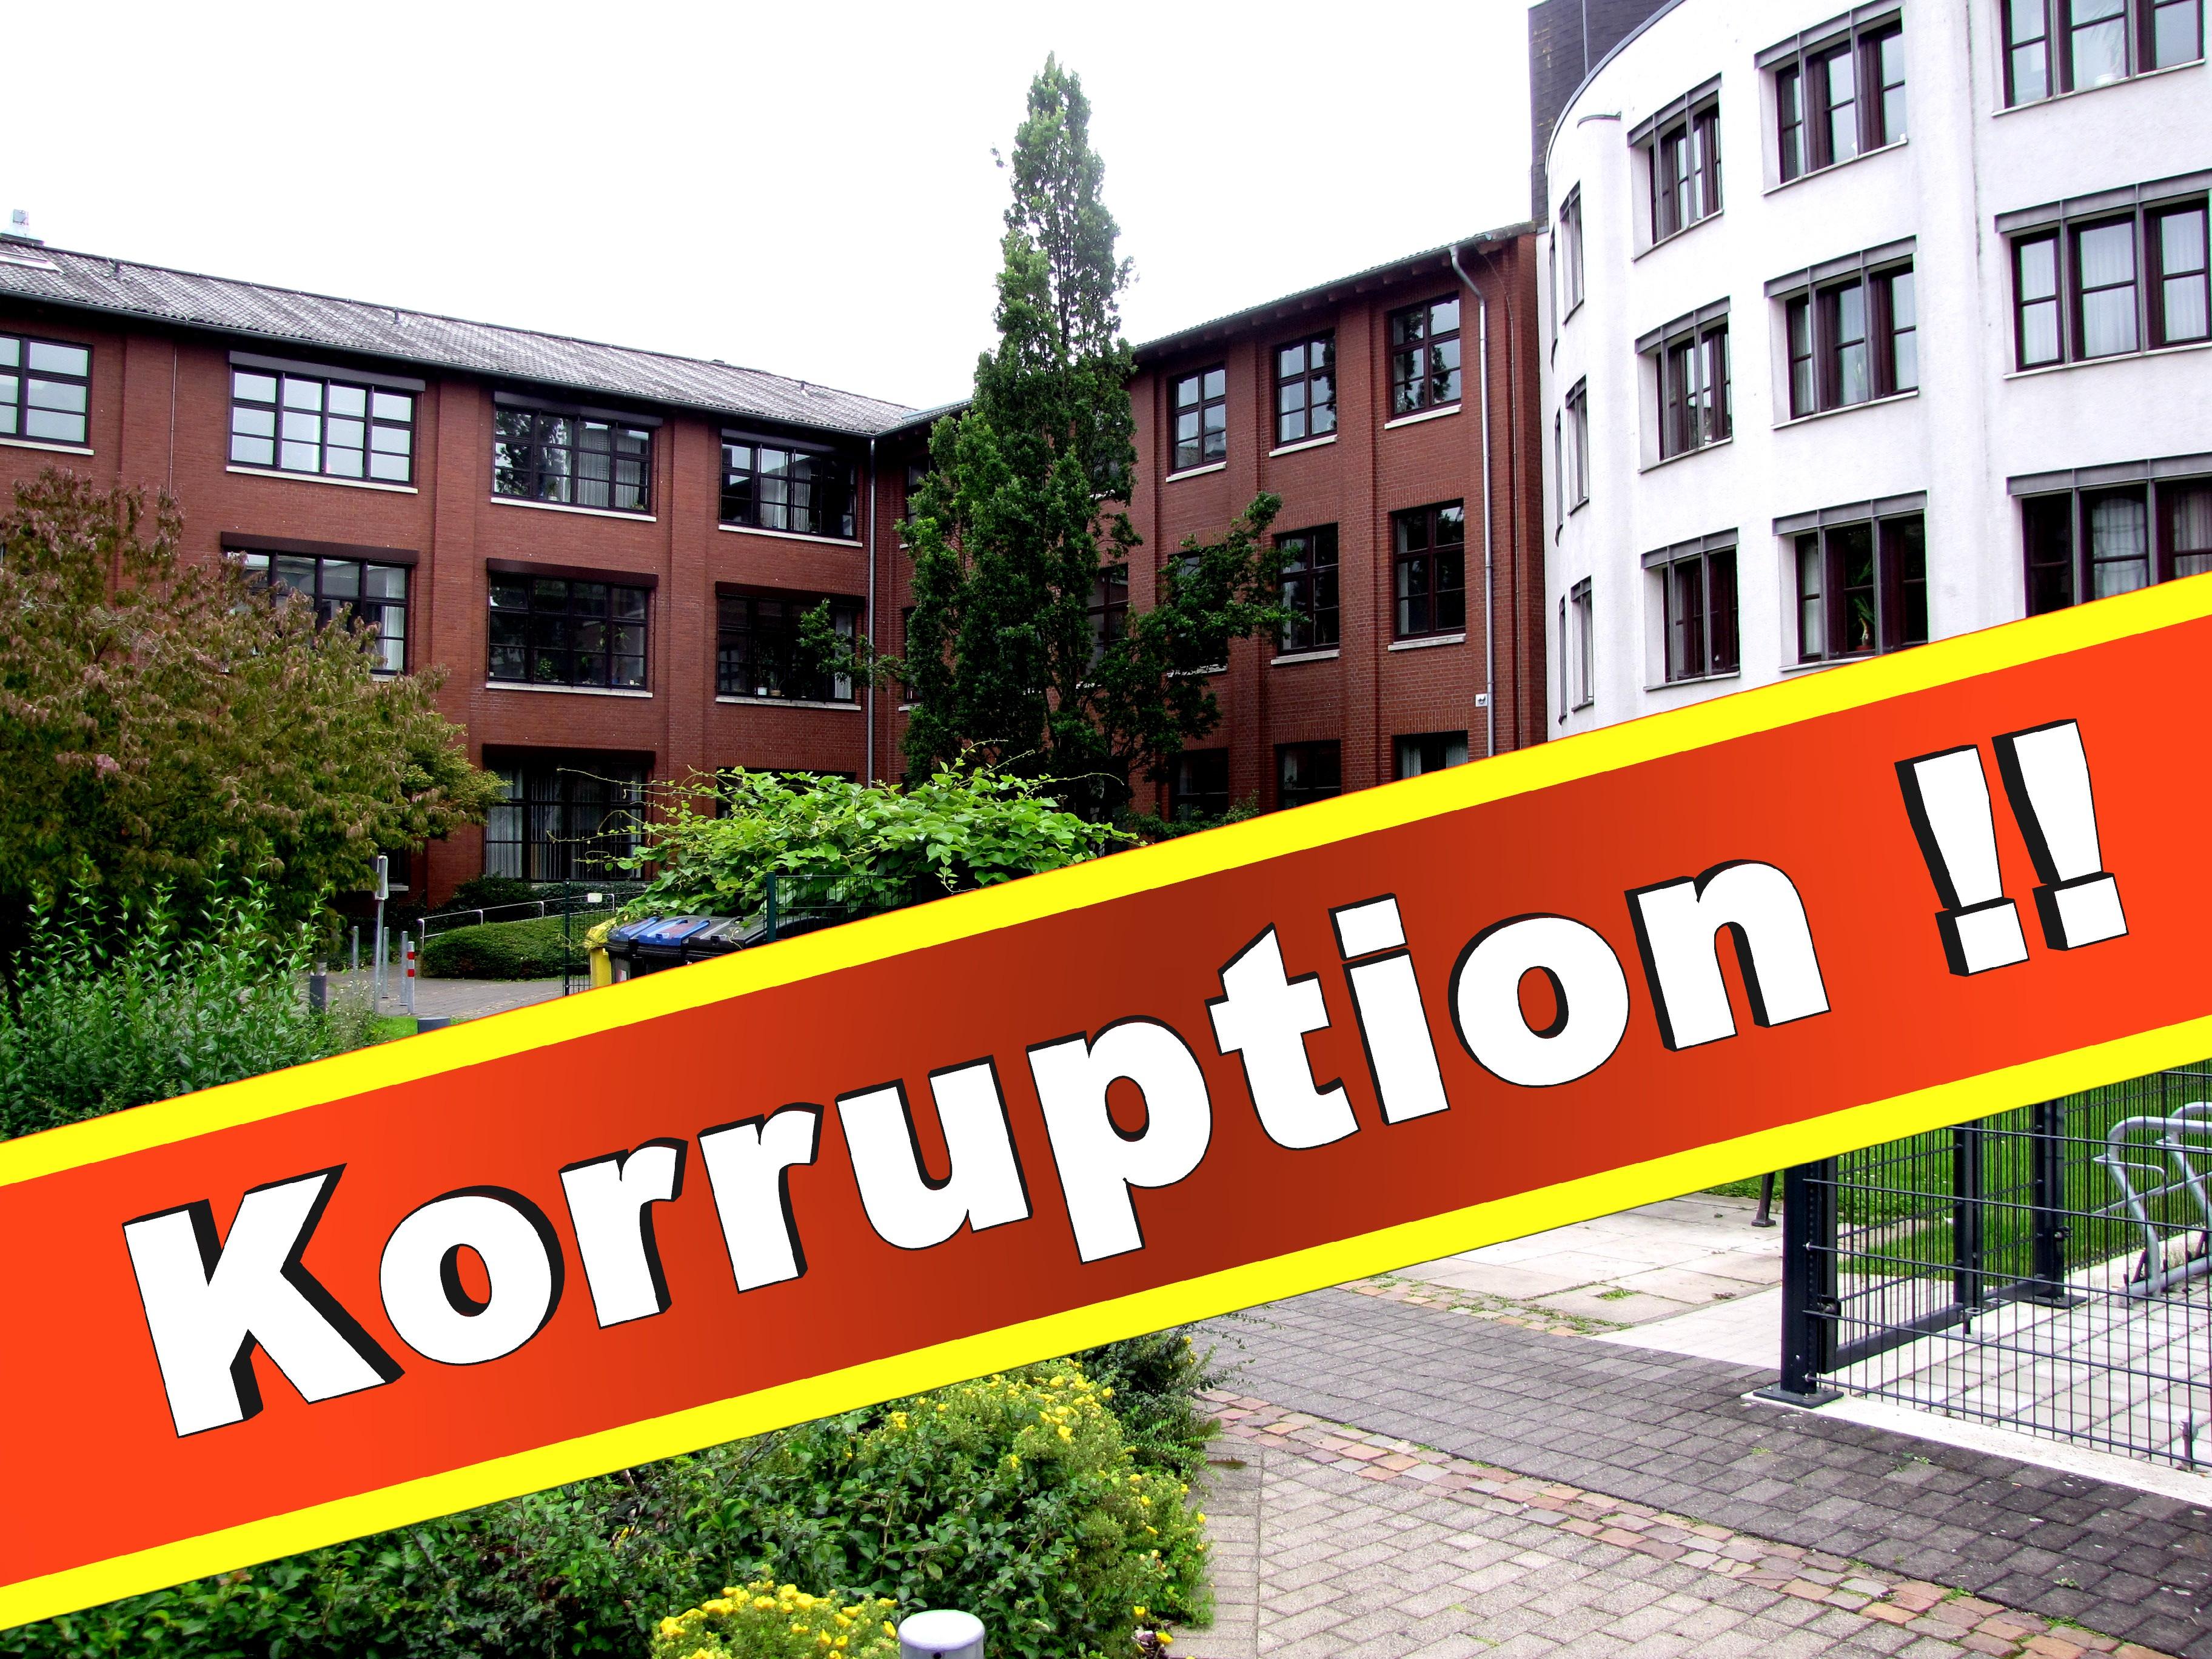 Gesundheitsamt Bielefeld Amtsarzt Adresse Gesundheitsbelehrung Telefon Schuleingangsuntersuchung Bielefeld Parken Gesundheitszeugnis (6)